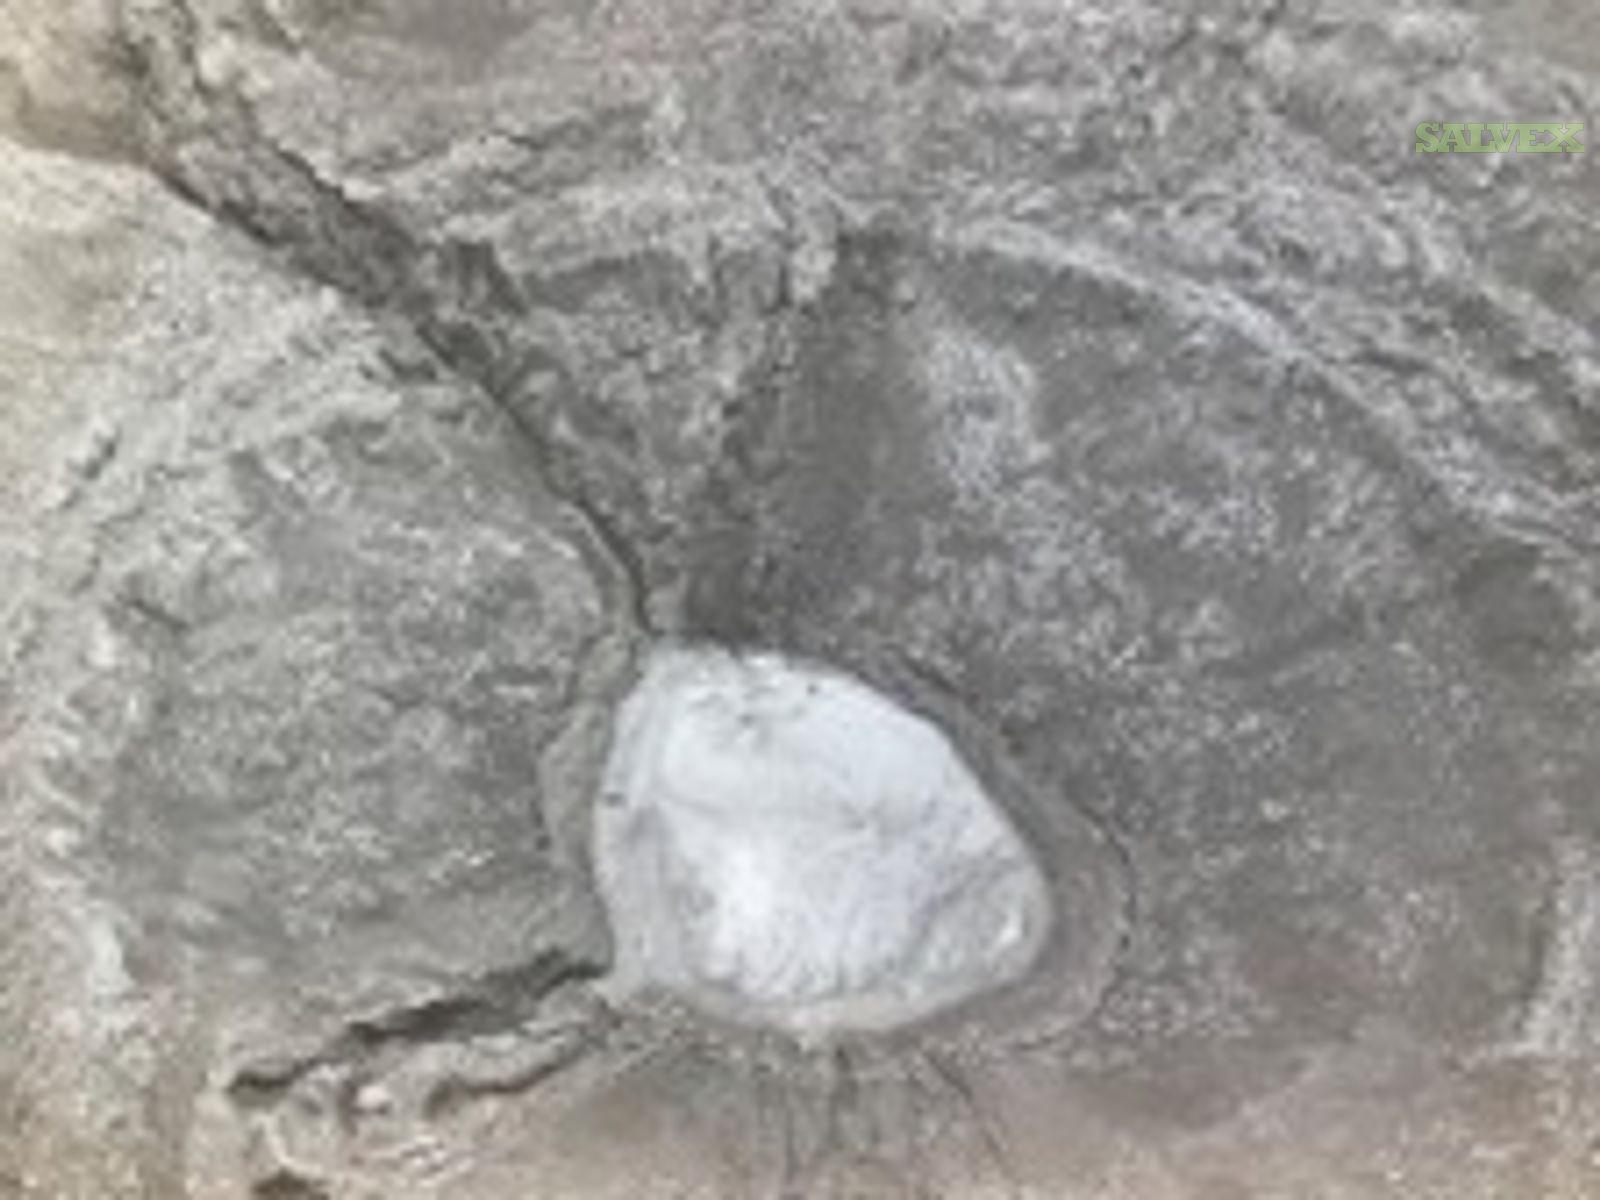 Foxleigh Premium Coal & German Creek Coking Coal (60,680 MT)